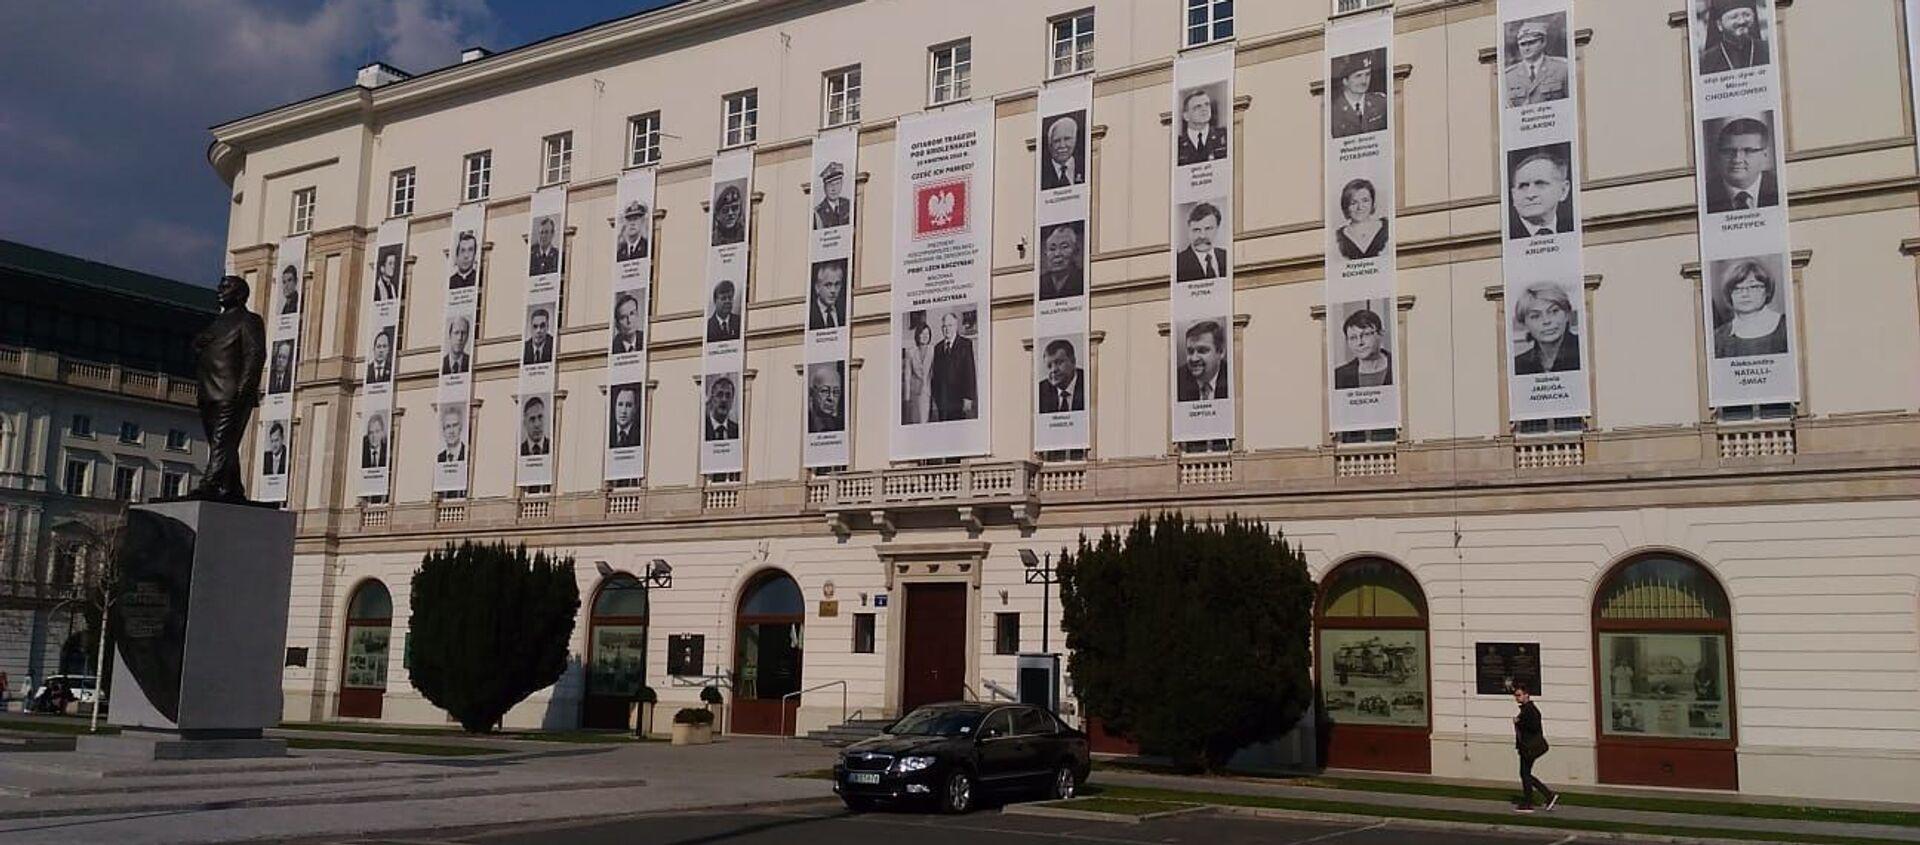 Zdjęcia ofiar katastrofy smoleńskiej na budynku Dowództwa Garnizonu - Sputnik Polska, 1920, 10.04.2021